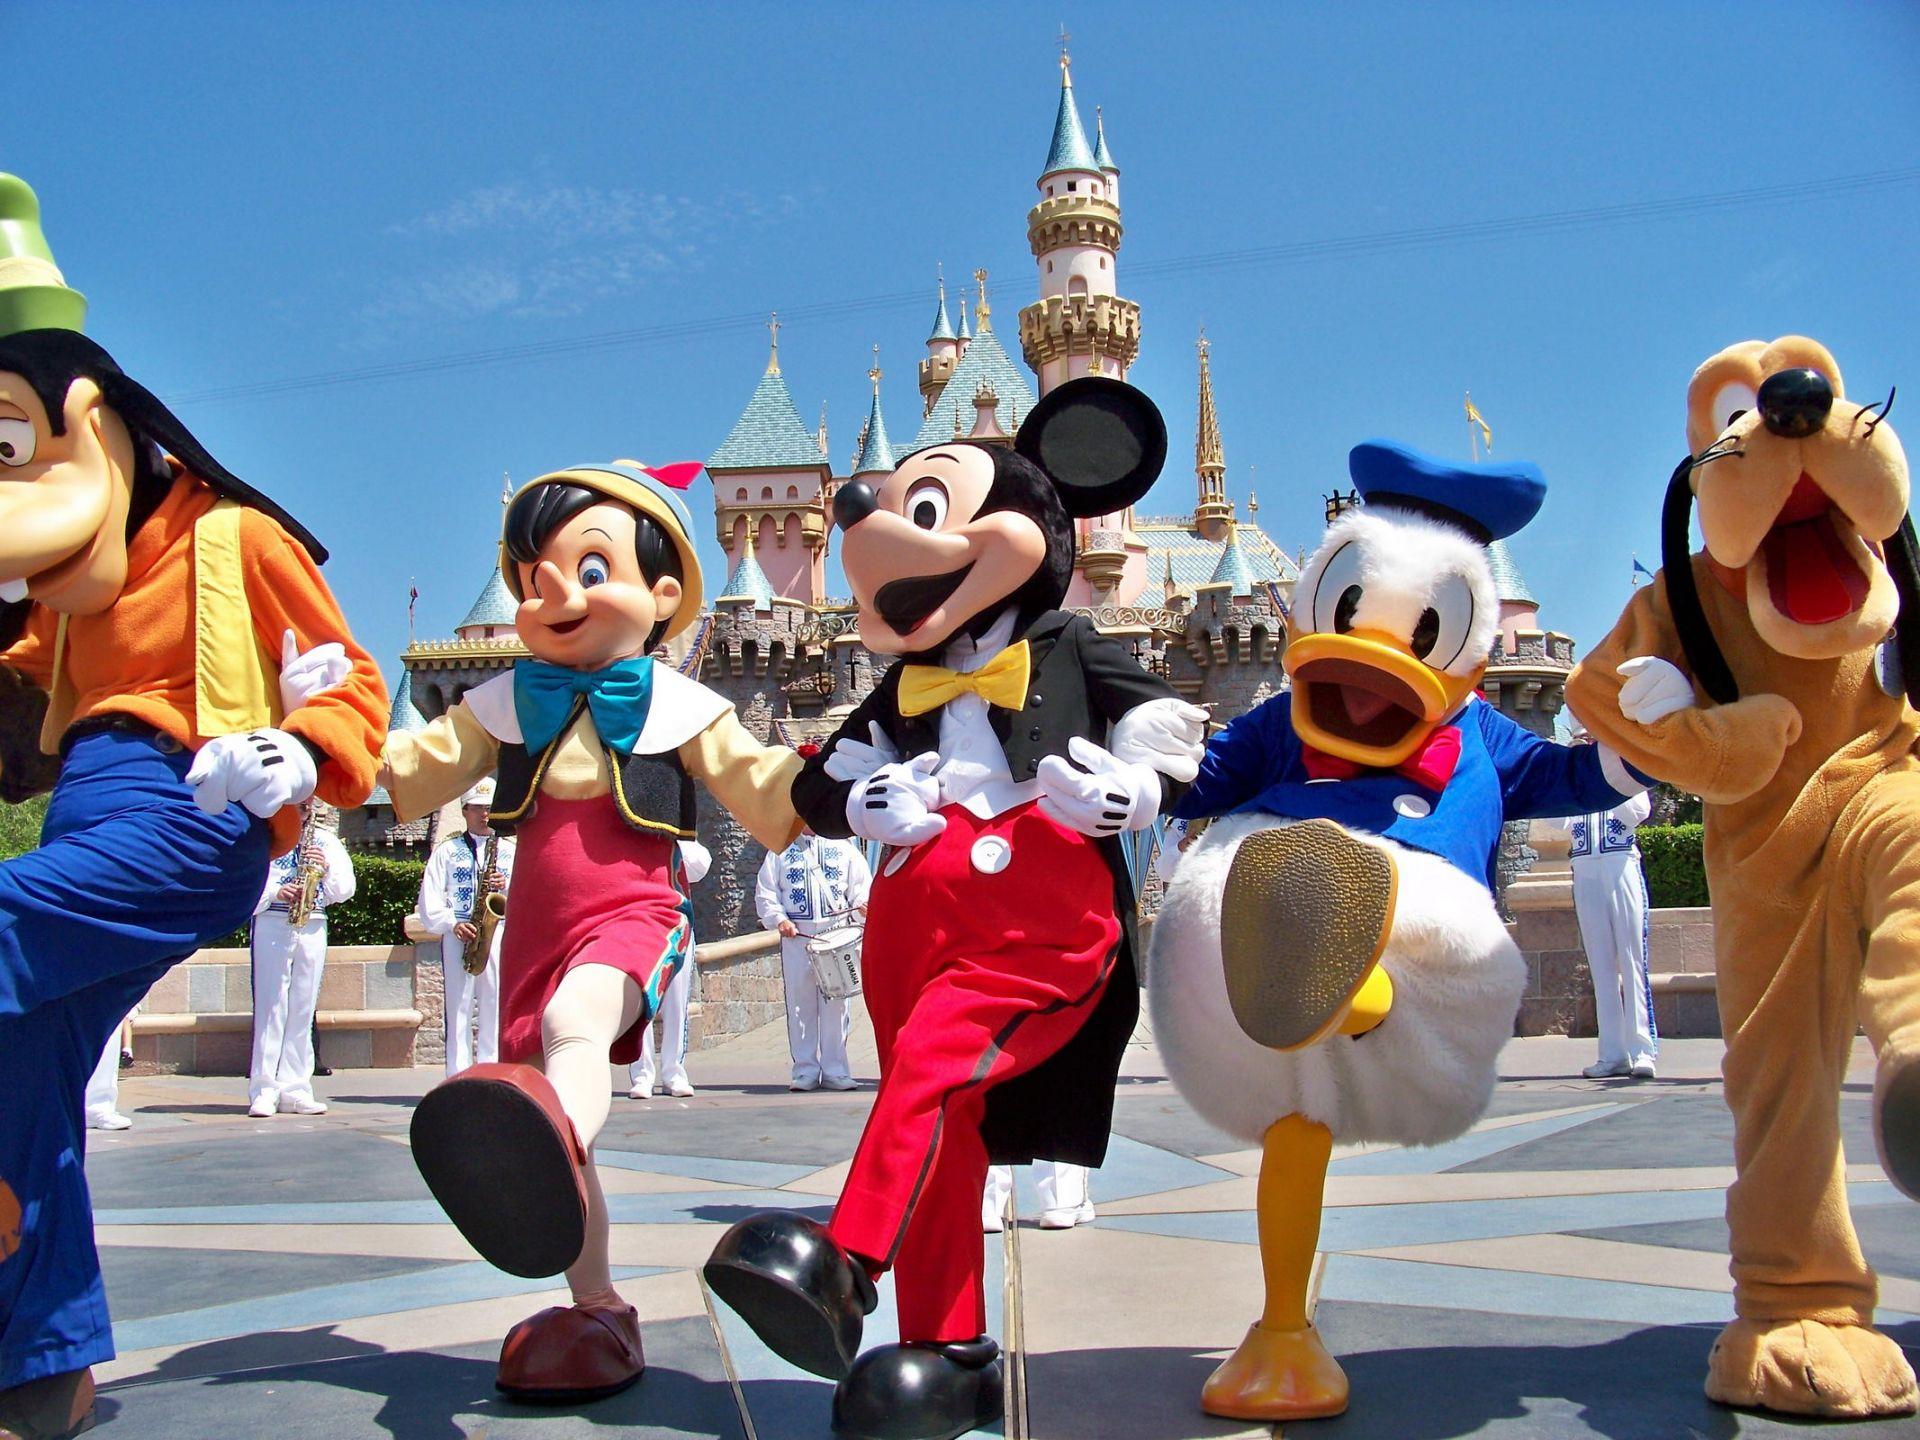 Η Disneyland Paris (ex Euro Disney) ή Disneyland Παρίσι, είναι ένα τουριστικό πάρκο με συνολική έκταση 22 τετραγωνικών χιλιομέτρων που βρίσκεται στην κοινότητα του Chessy, 32 χιλιόμετρα ανατολικά του Παρισιού. Το συγκρότημα περιλαμβάνει 2 θεματικά πάρκα - Parc Disneyland & Walt Disney Studios - ξενοδοχεία, καταστήματα, εστιατόρια, γήπεδα γκολφ κ.α. Πρόκειται για το νούμερο ένα ταξιδιωτικό προορισμό της Ευρώπης με περισσότερους απο 13 εκατομμύρια επισκέπτες κάθε χρόνο. Η Disneyland Paris άνοιξε τις πόρτες της για το κοινό για πρώτη φορά στις 12/04/1992, υπό την ονομασία Euro Disney Resort και από τότε έχει φιλοξενήσει περισσότερους από 320 εκατομμύρια ταξιδιώτες. Το Παρίσι έγινε γνωστό και ως η Πόλη του φωτός, από τότε που εγκαταστάθηκαν στις κύριες λεωφόρους του φανάρια γκαζιού. Είναι η πρωτεύουσα της Γαλλίας και της περιφέρειας Ιλ ντε Φρανς και μία από τις ιστορικότερες και μεγαλύτερες πόλεις του κόσμου. Το Παρίσι περιλαμβάνει την πόλη του Παρισιού και τα περίχωρα και βρίσκεται σε ένα λεκανοπέδιο. Επιπλέον είναι η πολιτιστική και οικονομική πρωτεύουσα της Γαλλίας, το σημαντικότερο κομβικό σημείο της και έδρα πολλών διεθνών οργανισμών, όπως της UNESCO.